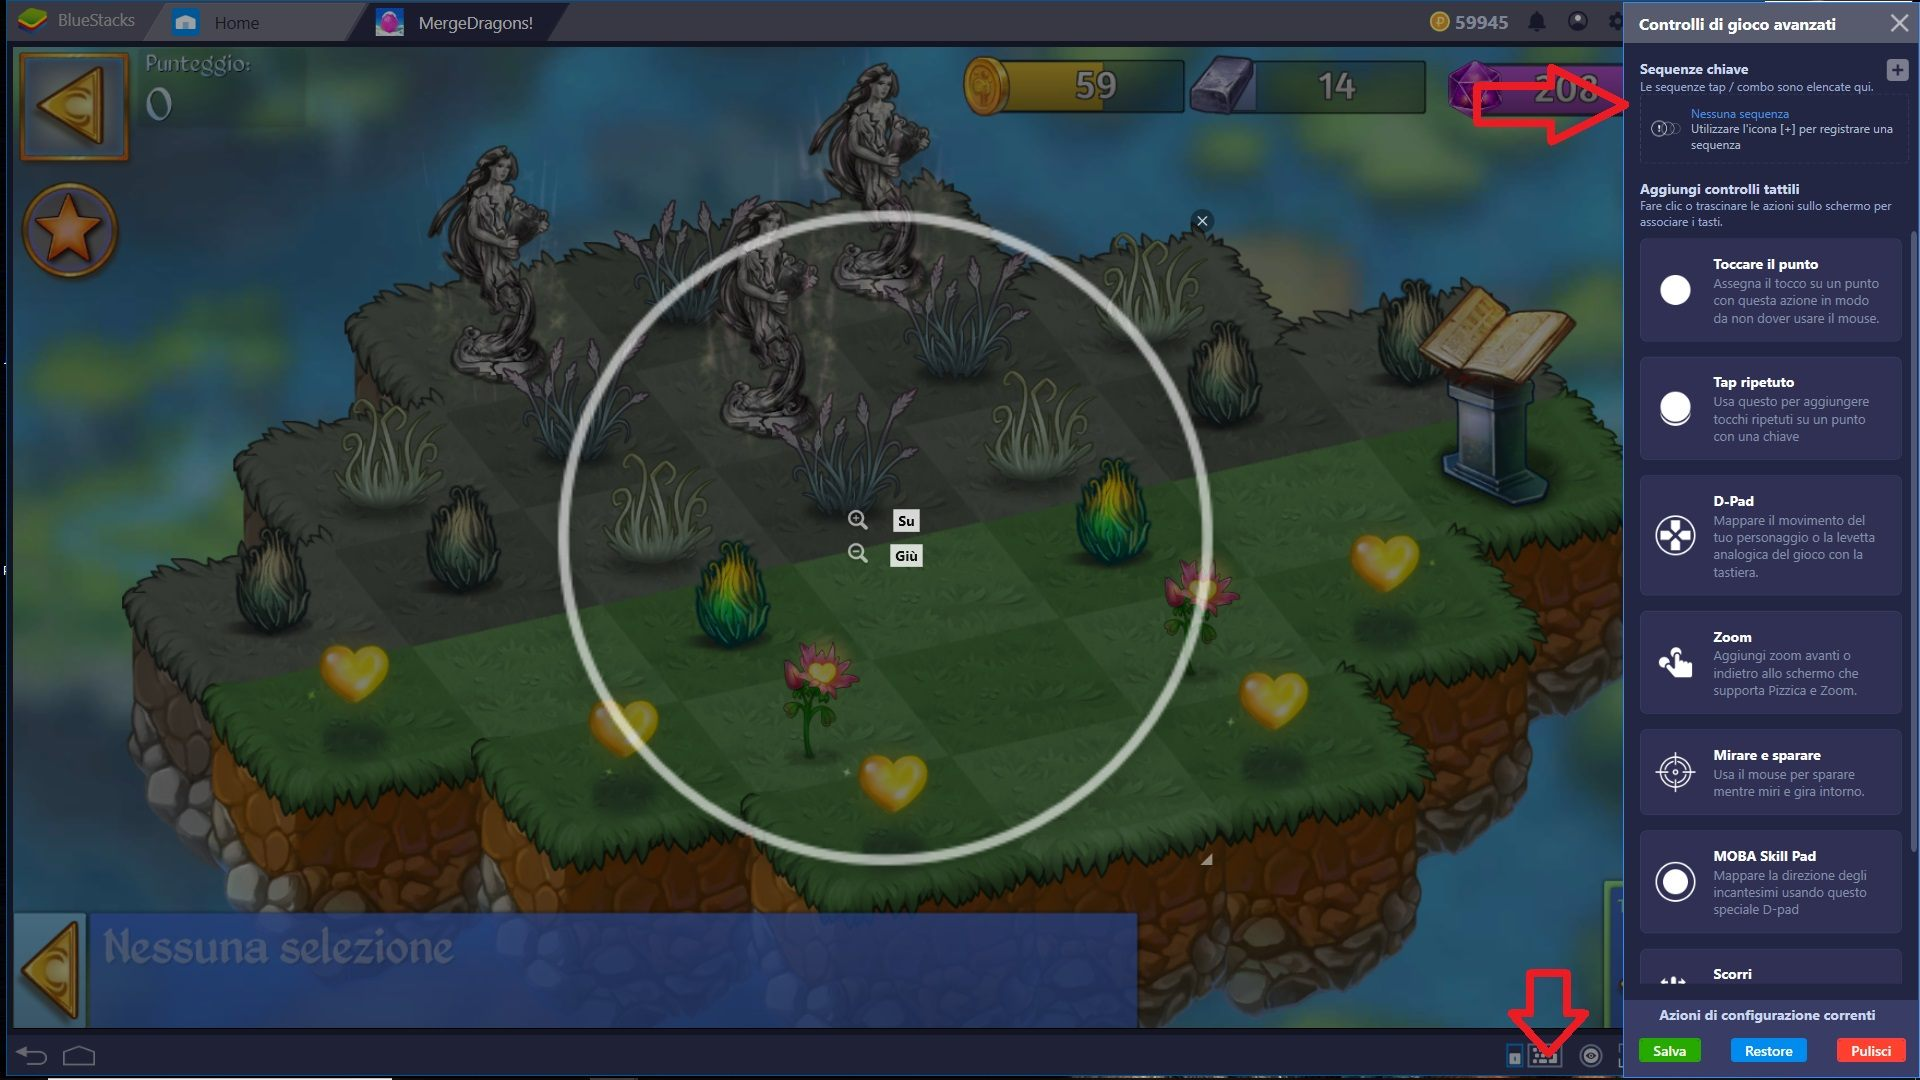 Installa e Gioca Merge Dragons! con BlueStacks